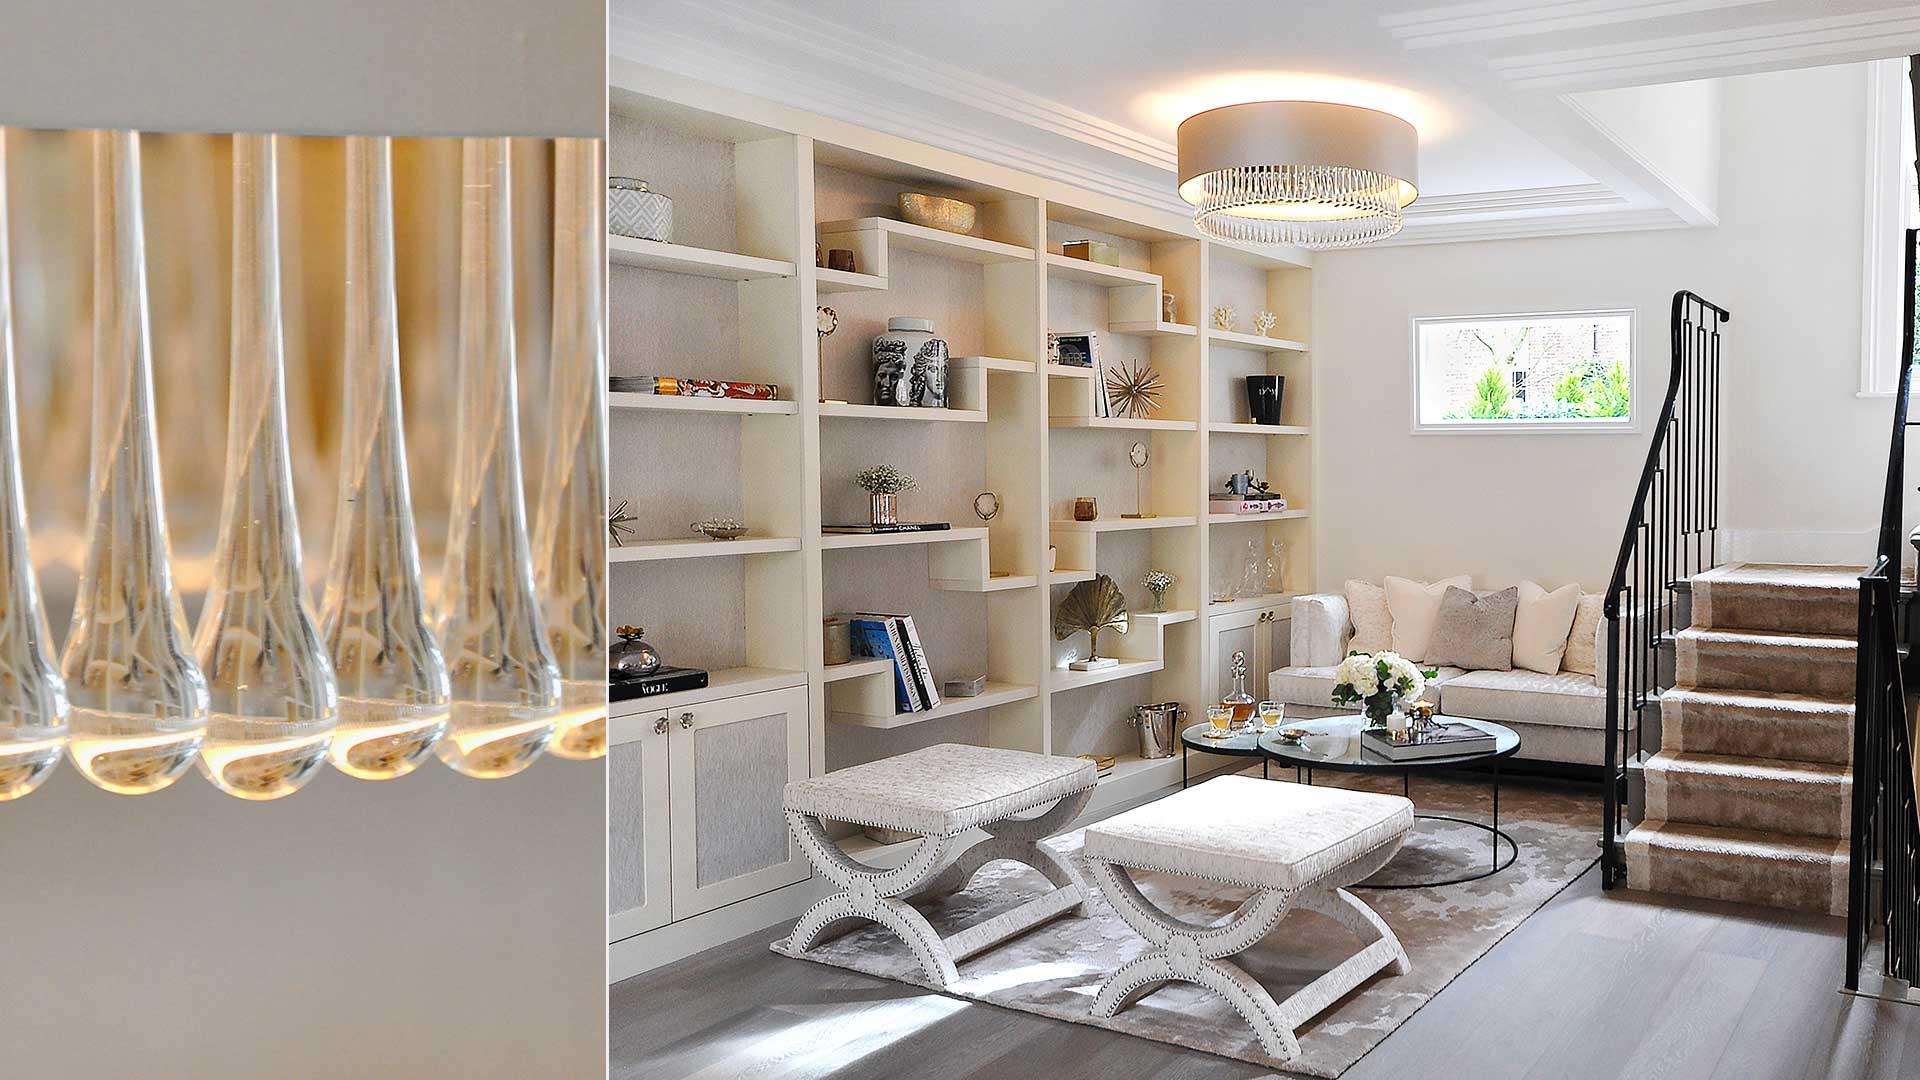 BELGRAVIA-TOWNHOUSE-01-Dome-interior-design-Geneve-Suisse